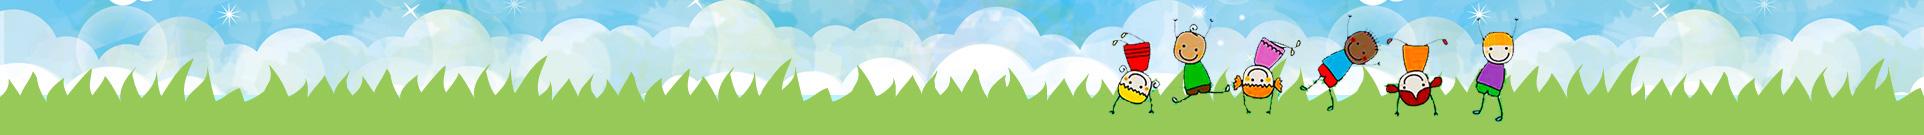 あっぷるキッズ保育園|鹿児島市谷山|空き状況|一時保育|入園案内|企業主導型保育事業|園児募集